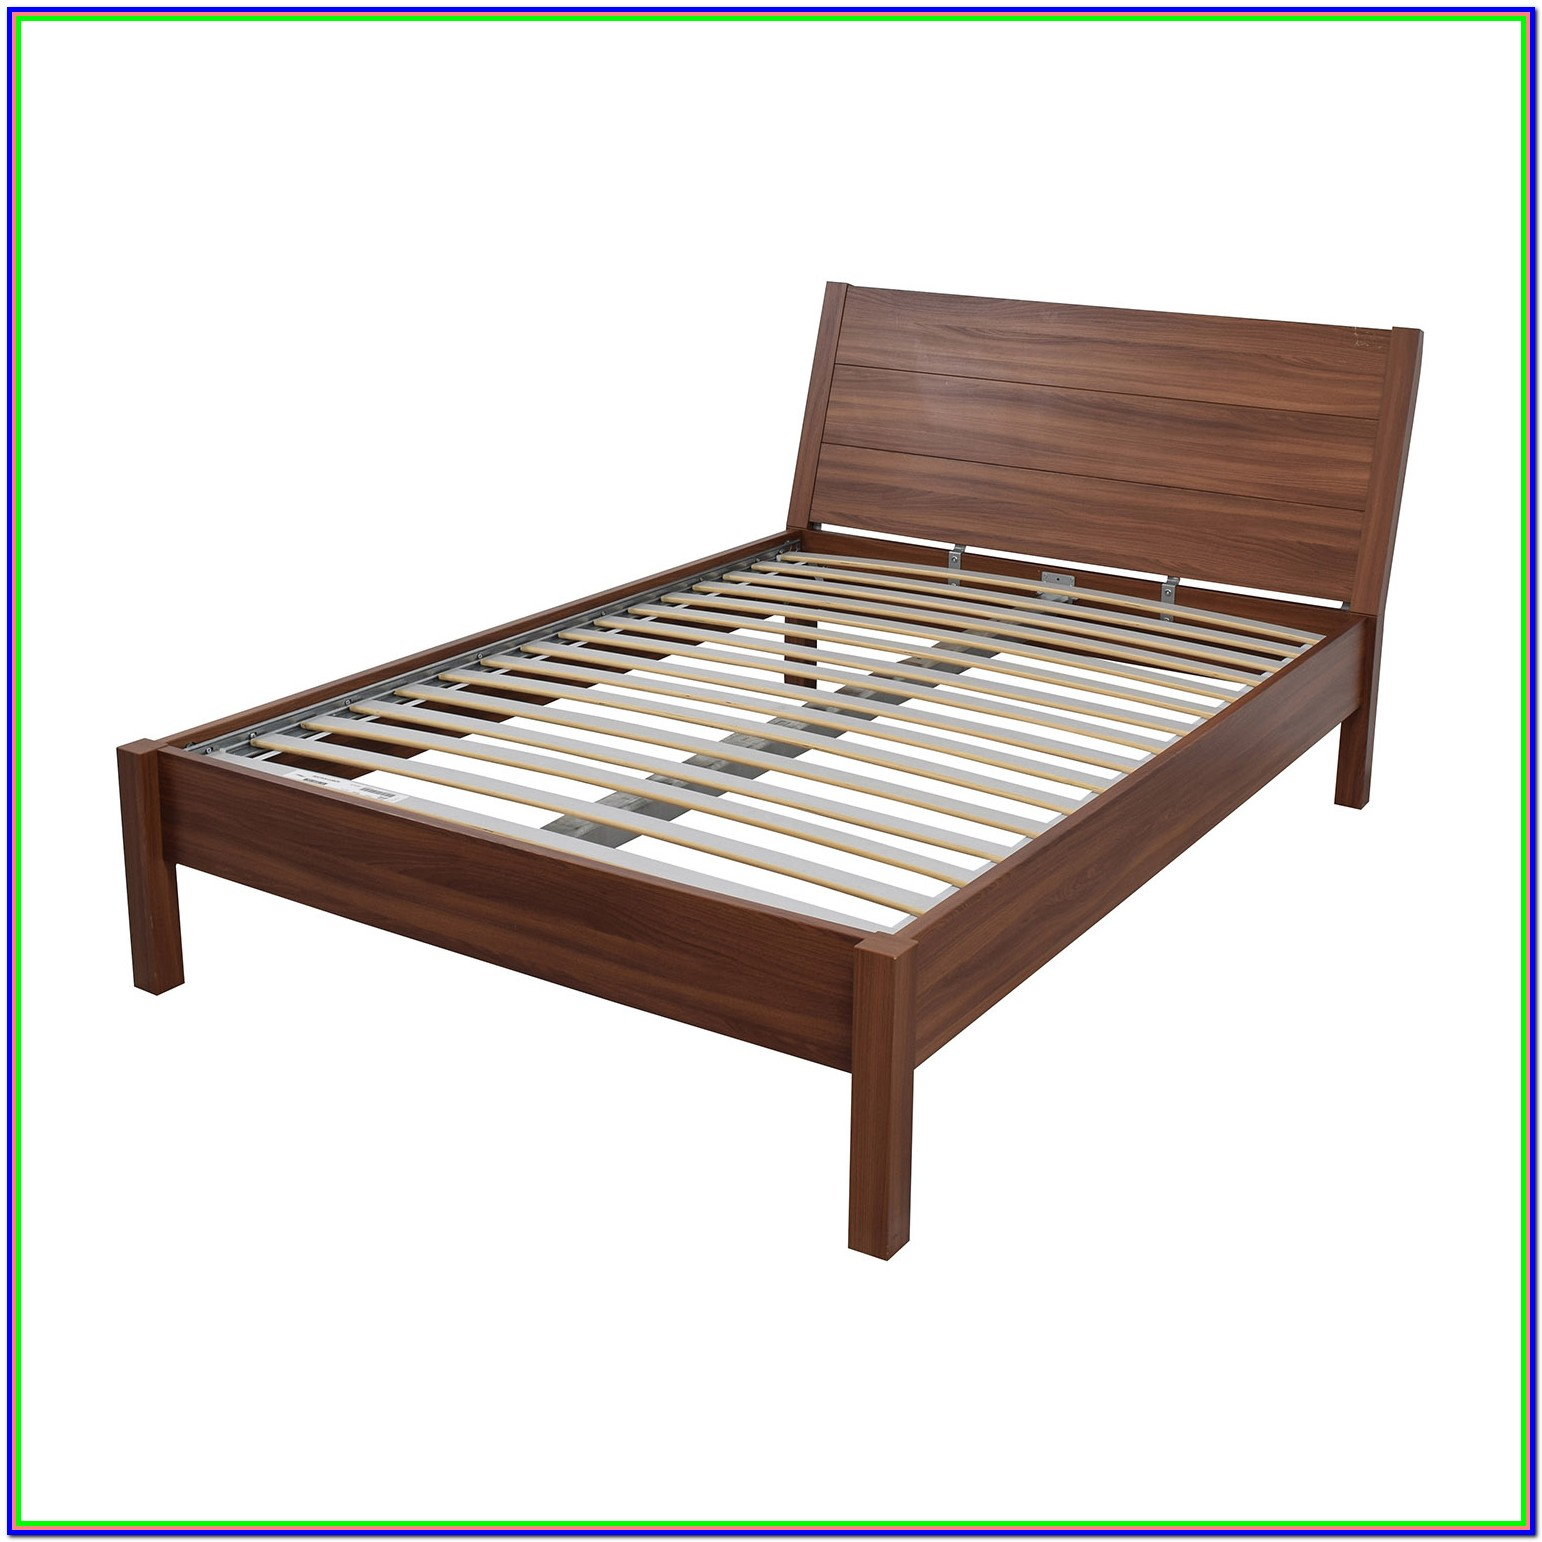 Ikea Bed Frame Queen Wood